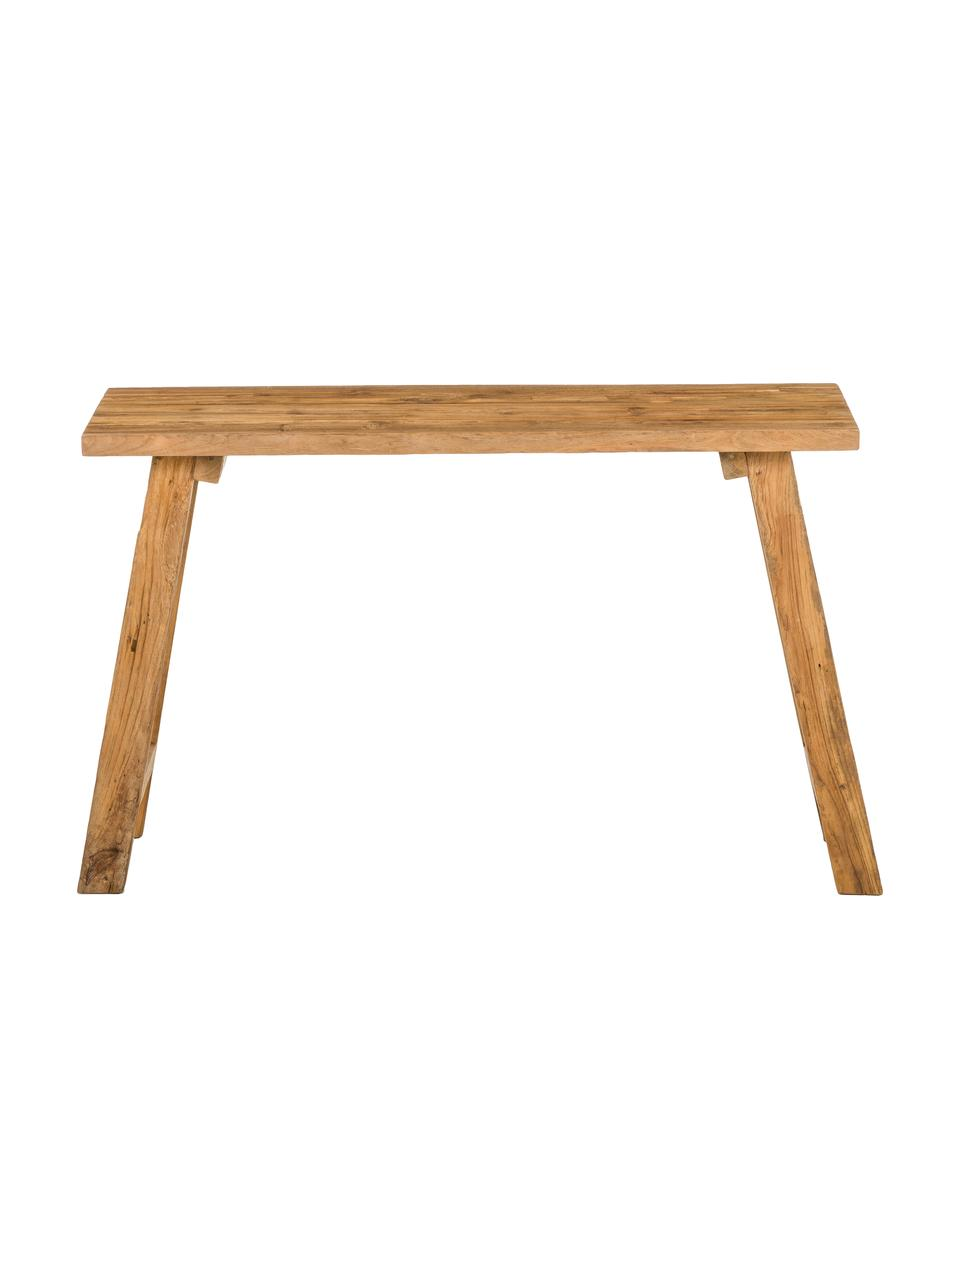 Konsola z drewna naturalnego z recyklingu Lawas, Naturalne drewno tekowe, Drewno tekowe, S 120 x G 40 cm